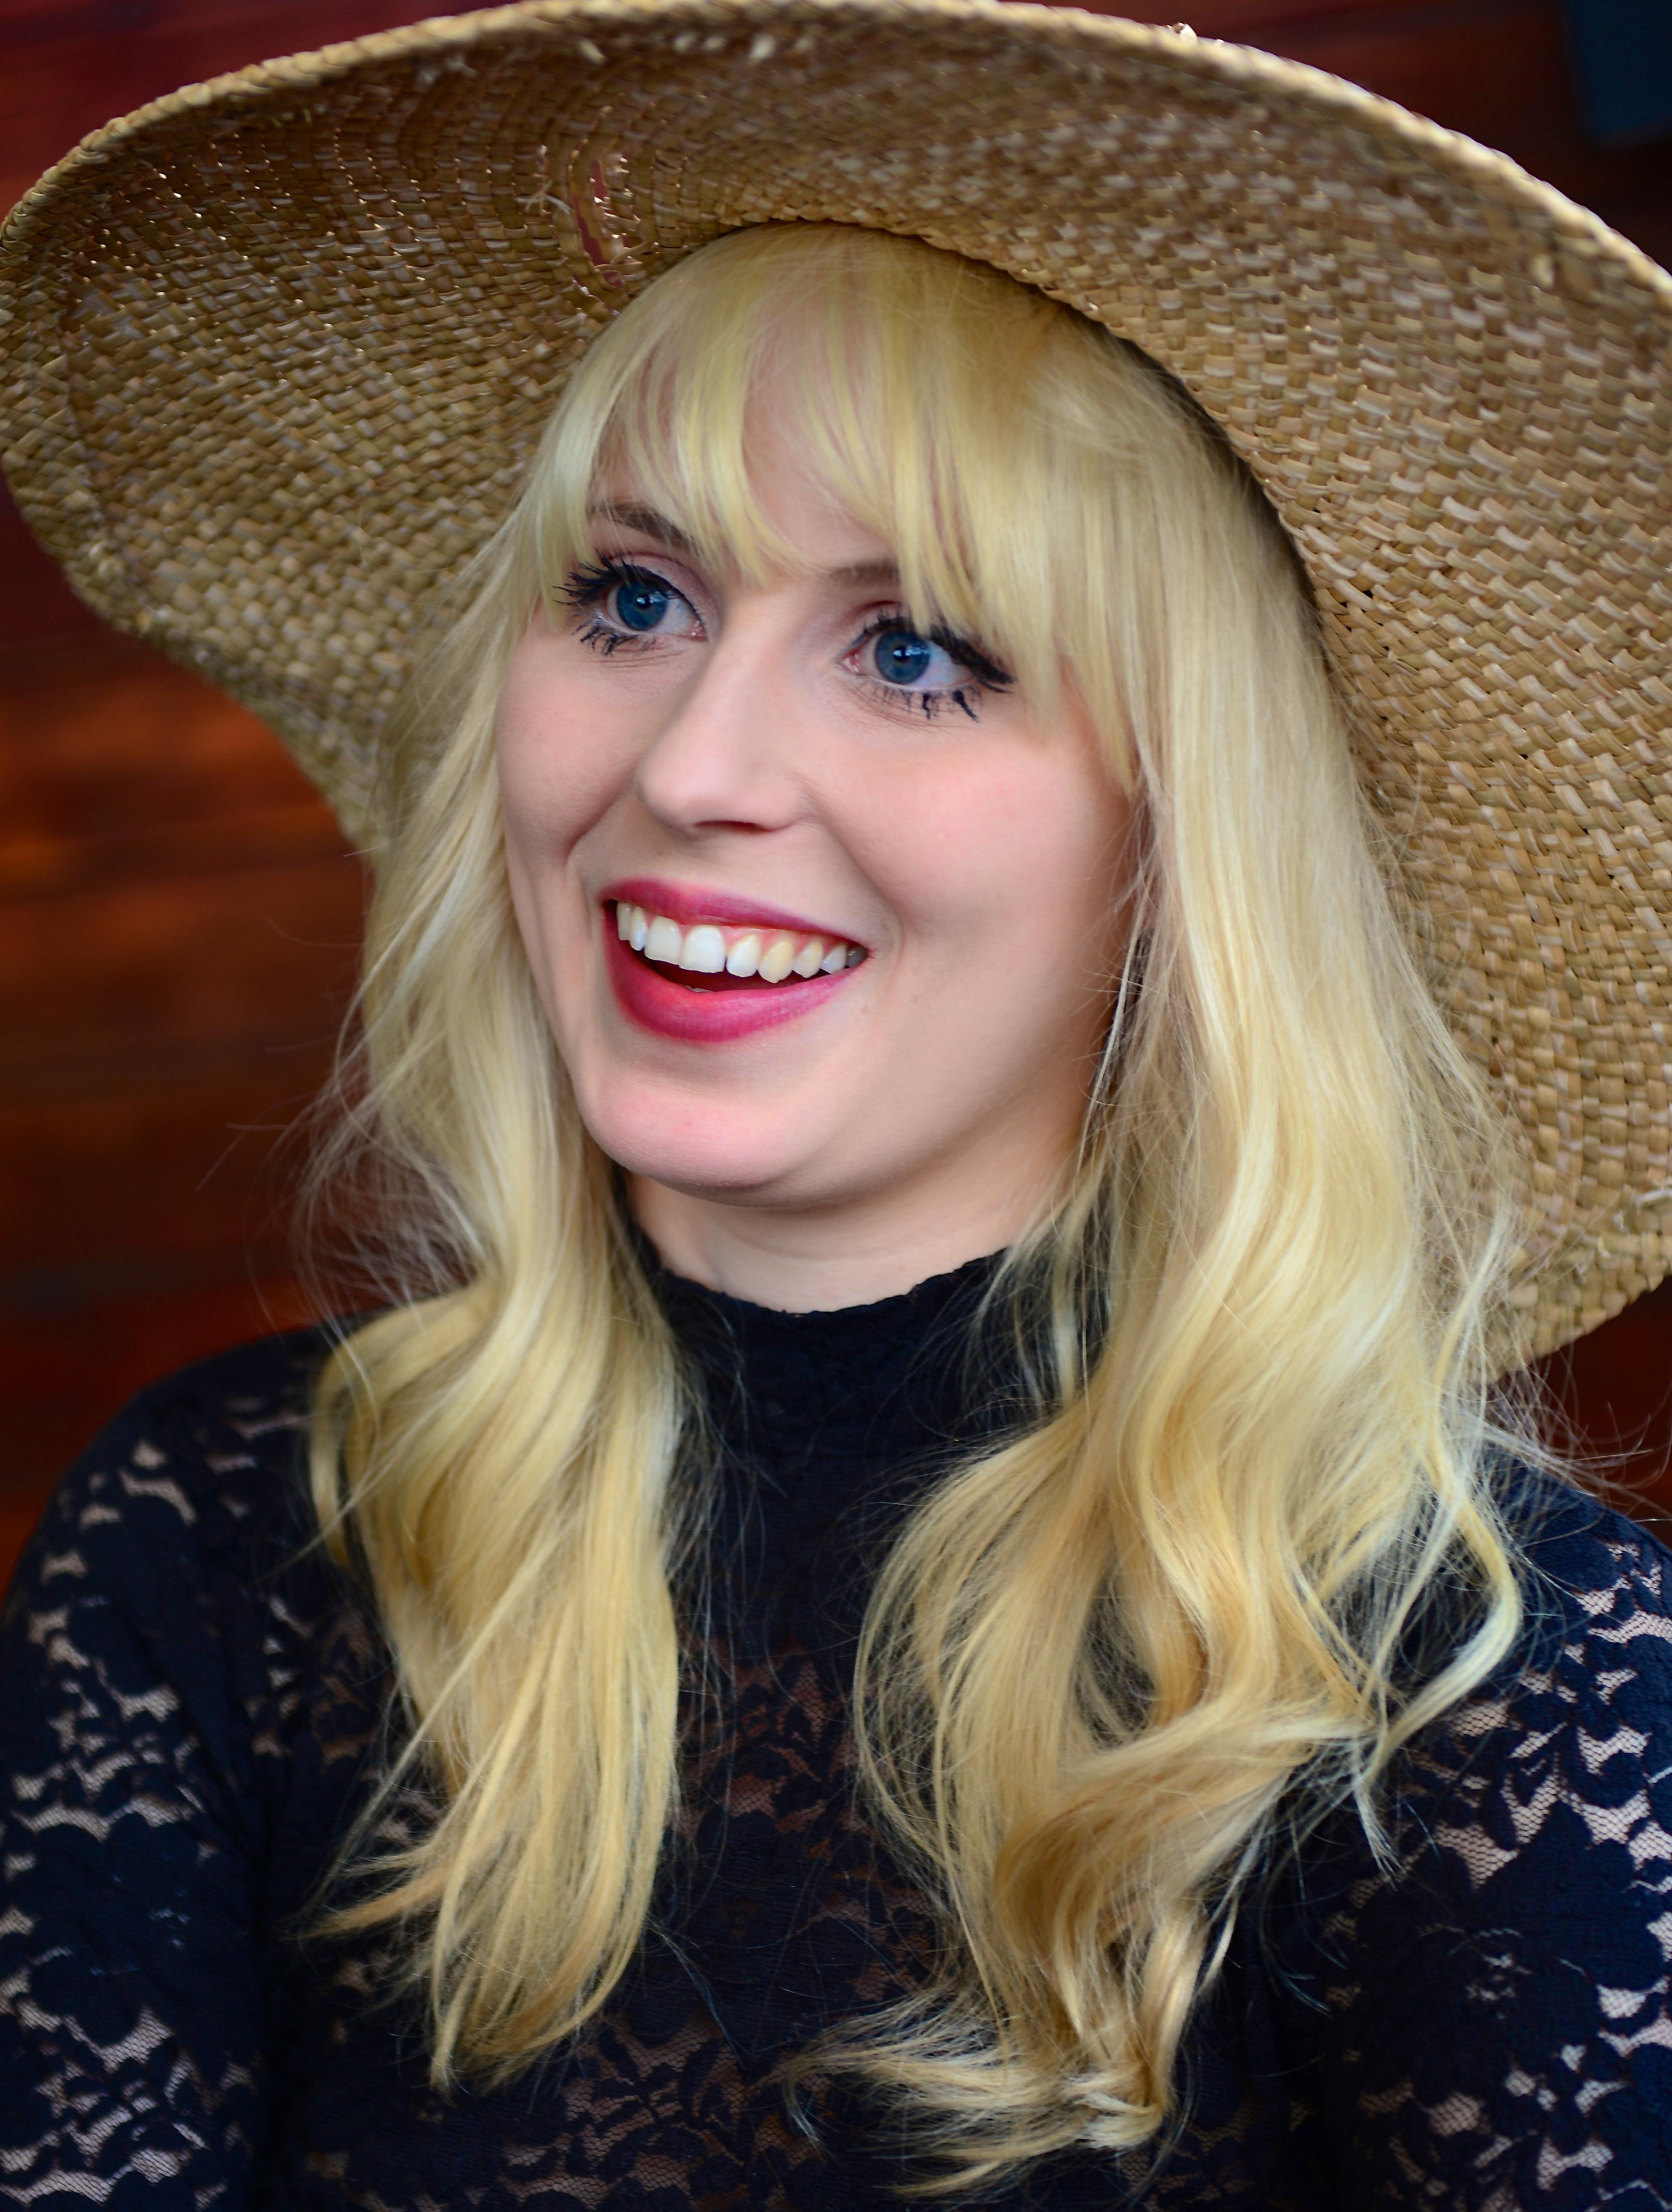 Amanda Jenssen httpsuploadwikimediaorgwikipediacommons99